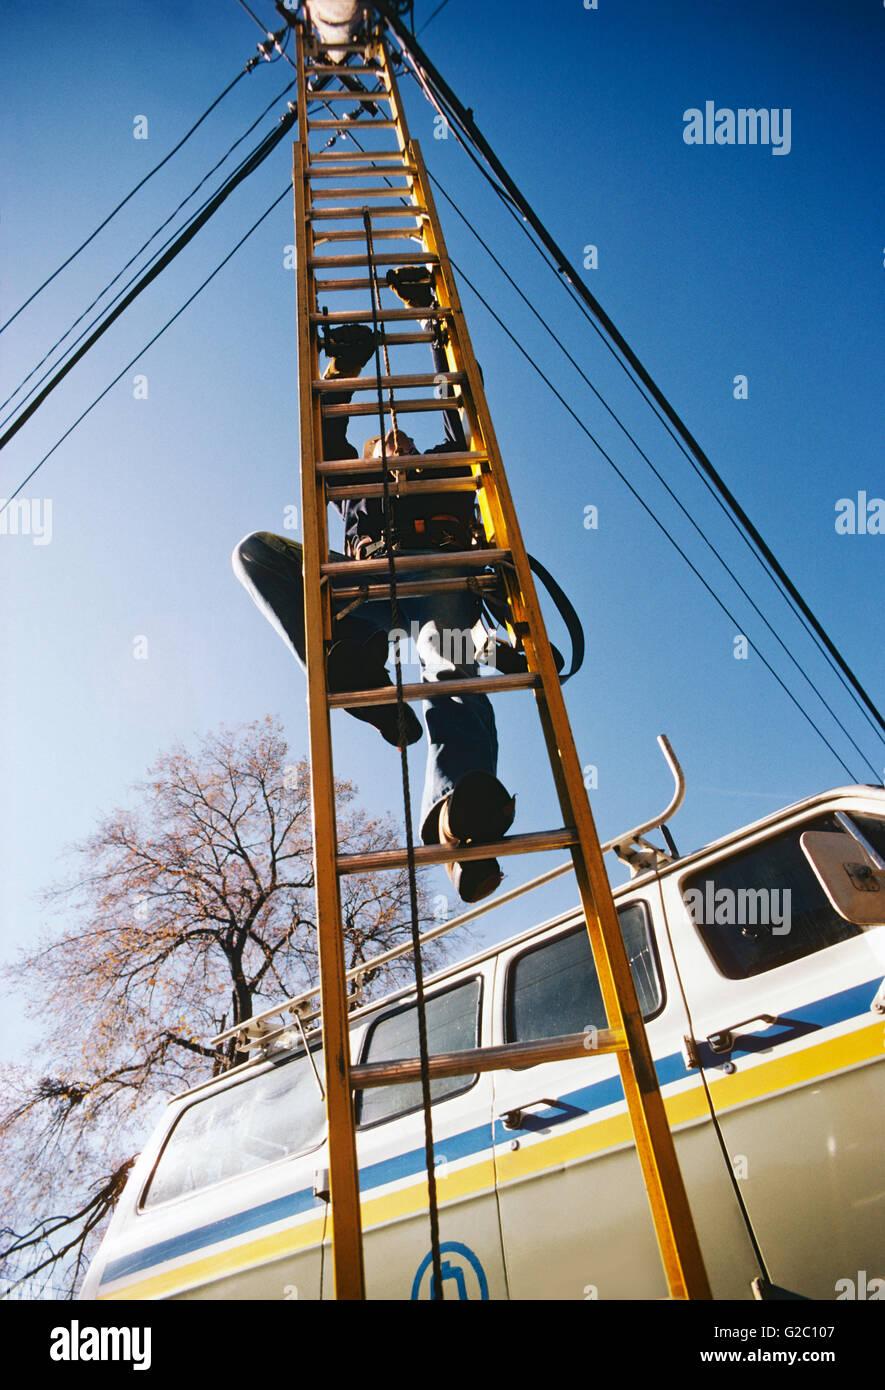 L'utilitaire mâle worker climbing ladder pour accéder aux fils électriques aériens & Photo Stock